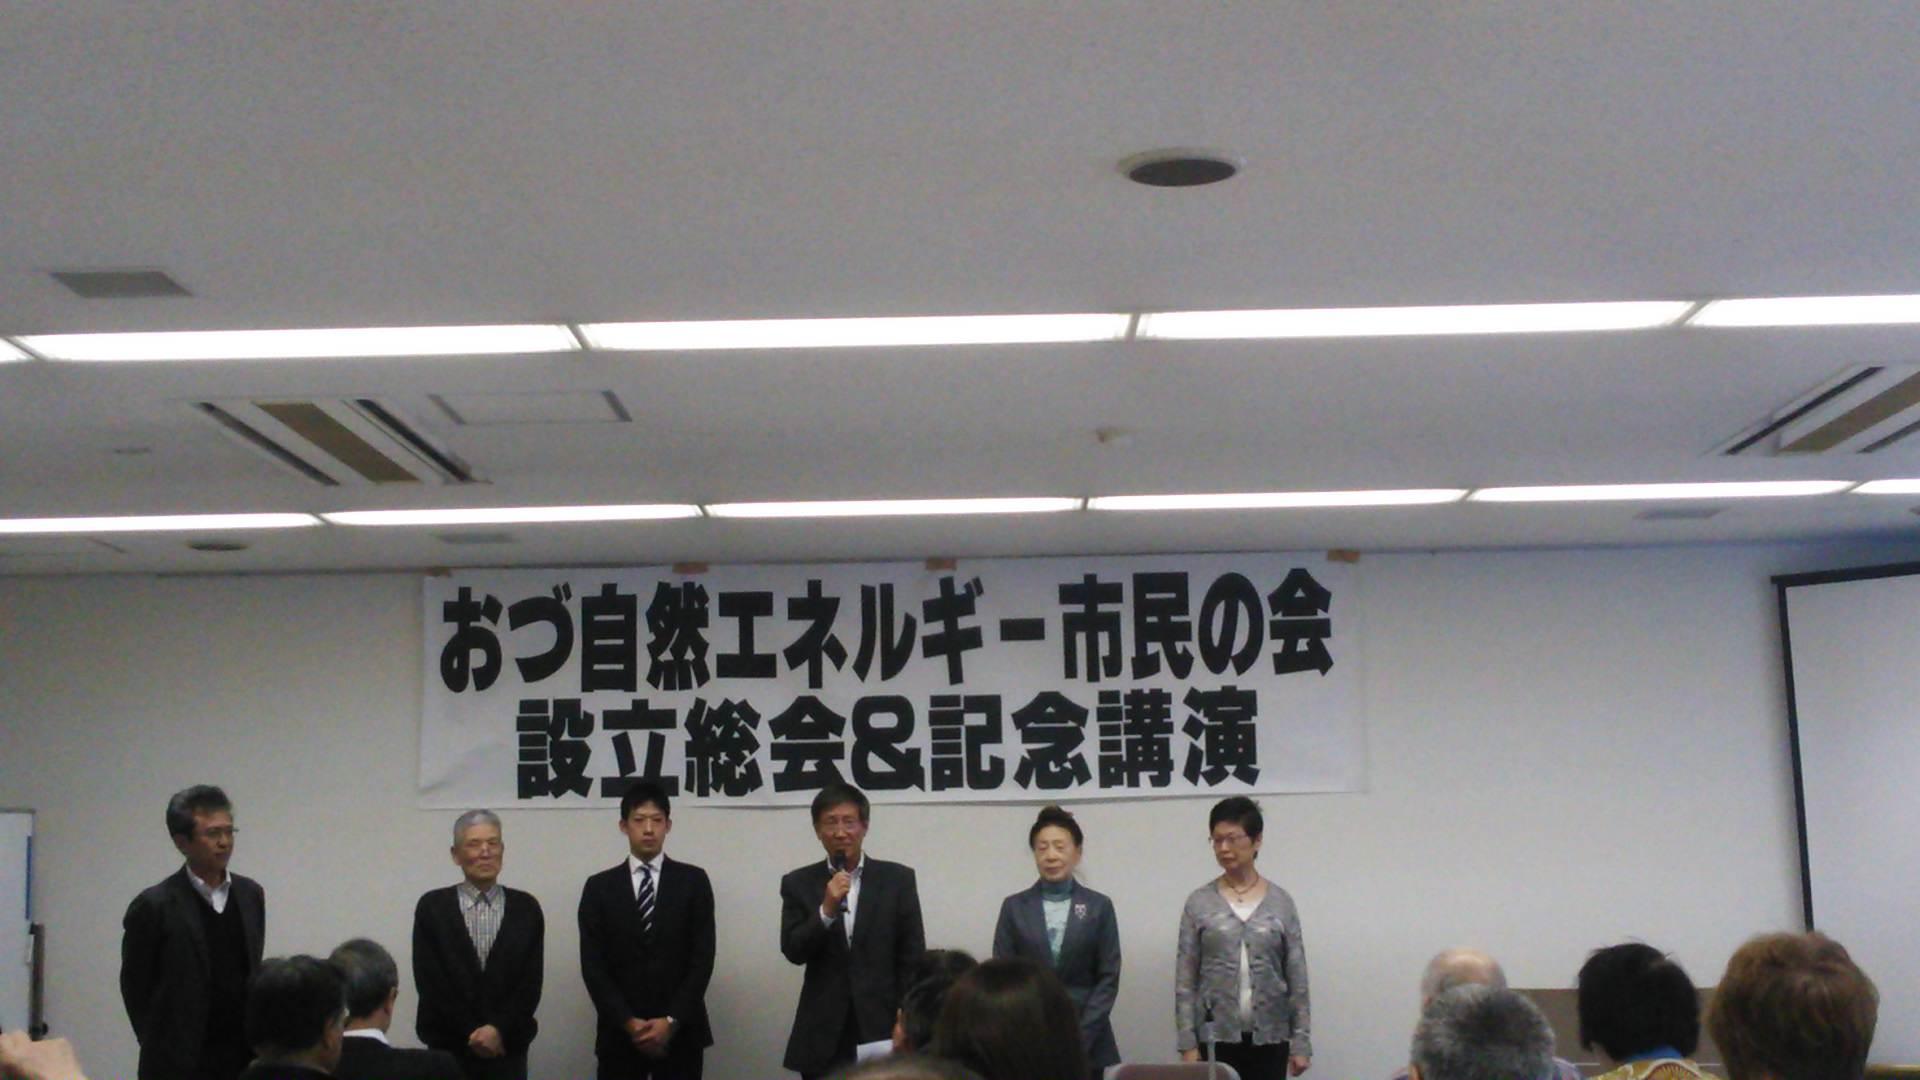 おづ自然エネルギー市民の会が設立されました♪(^^)/